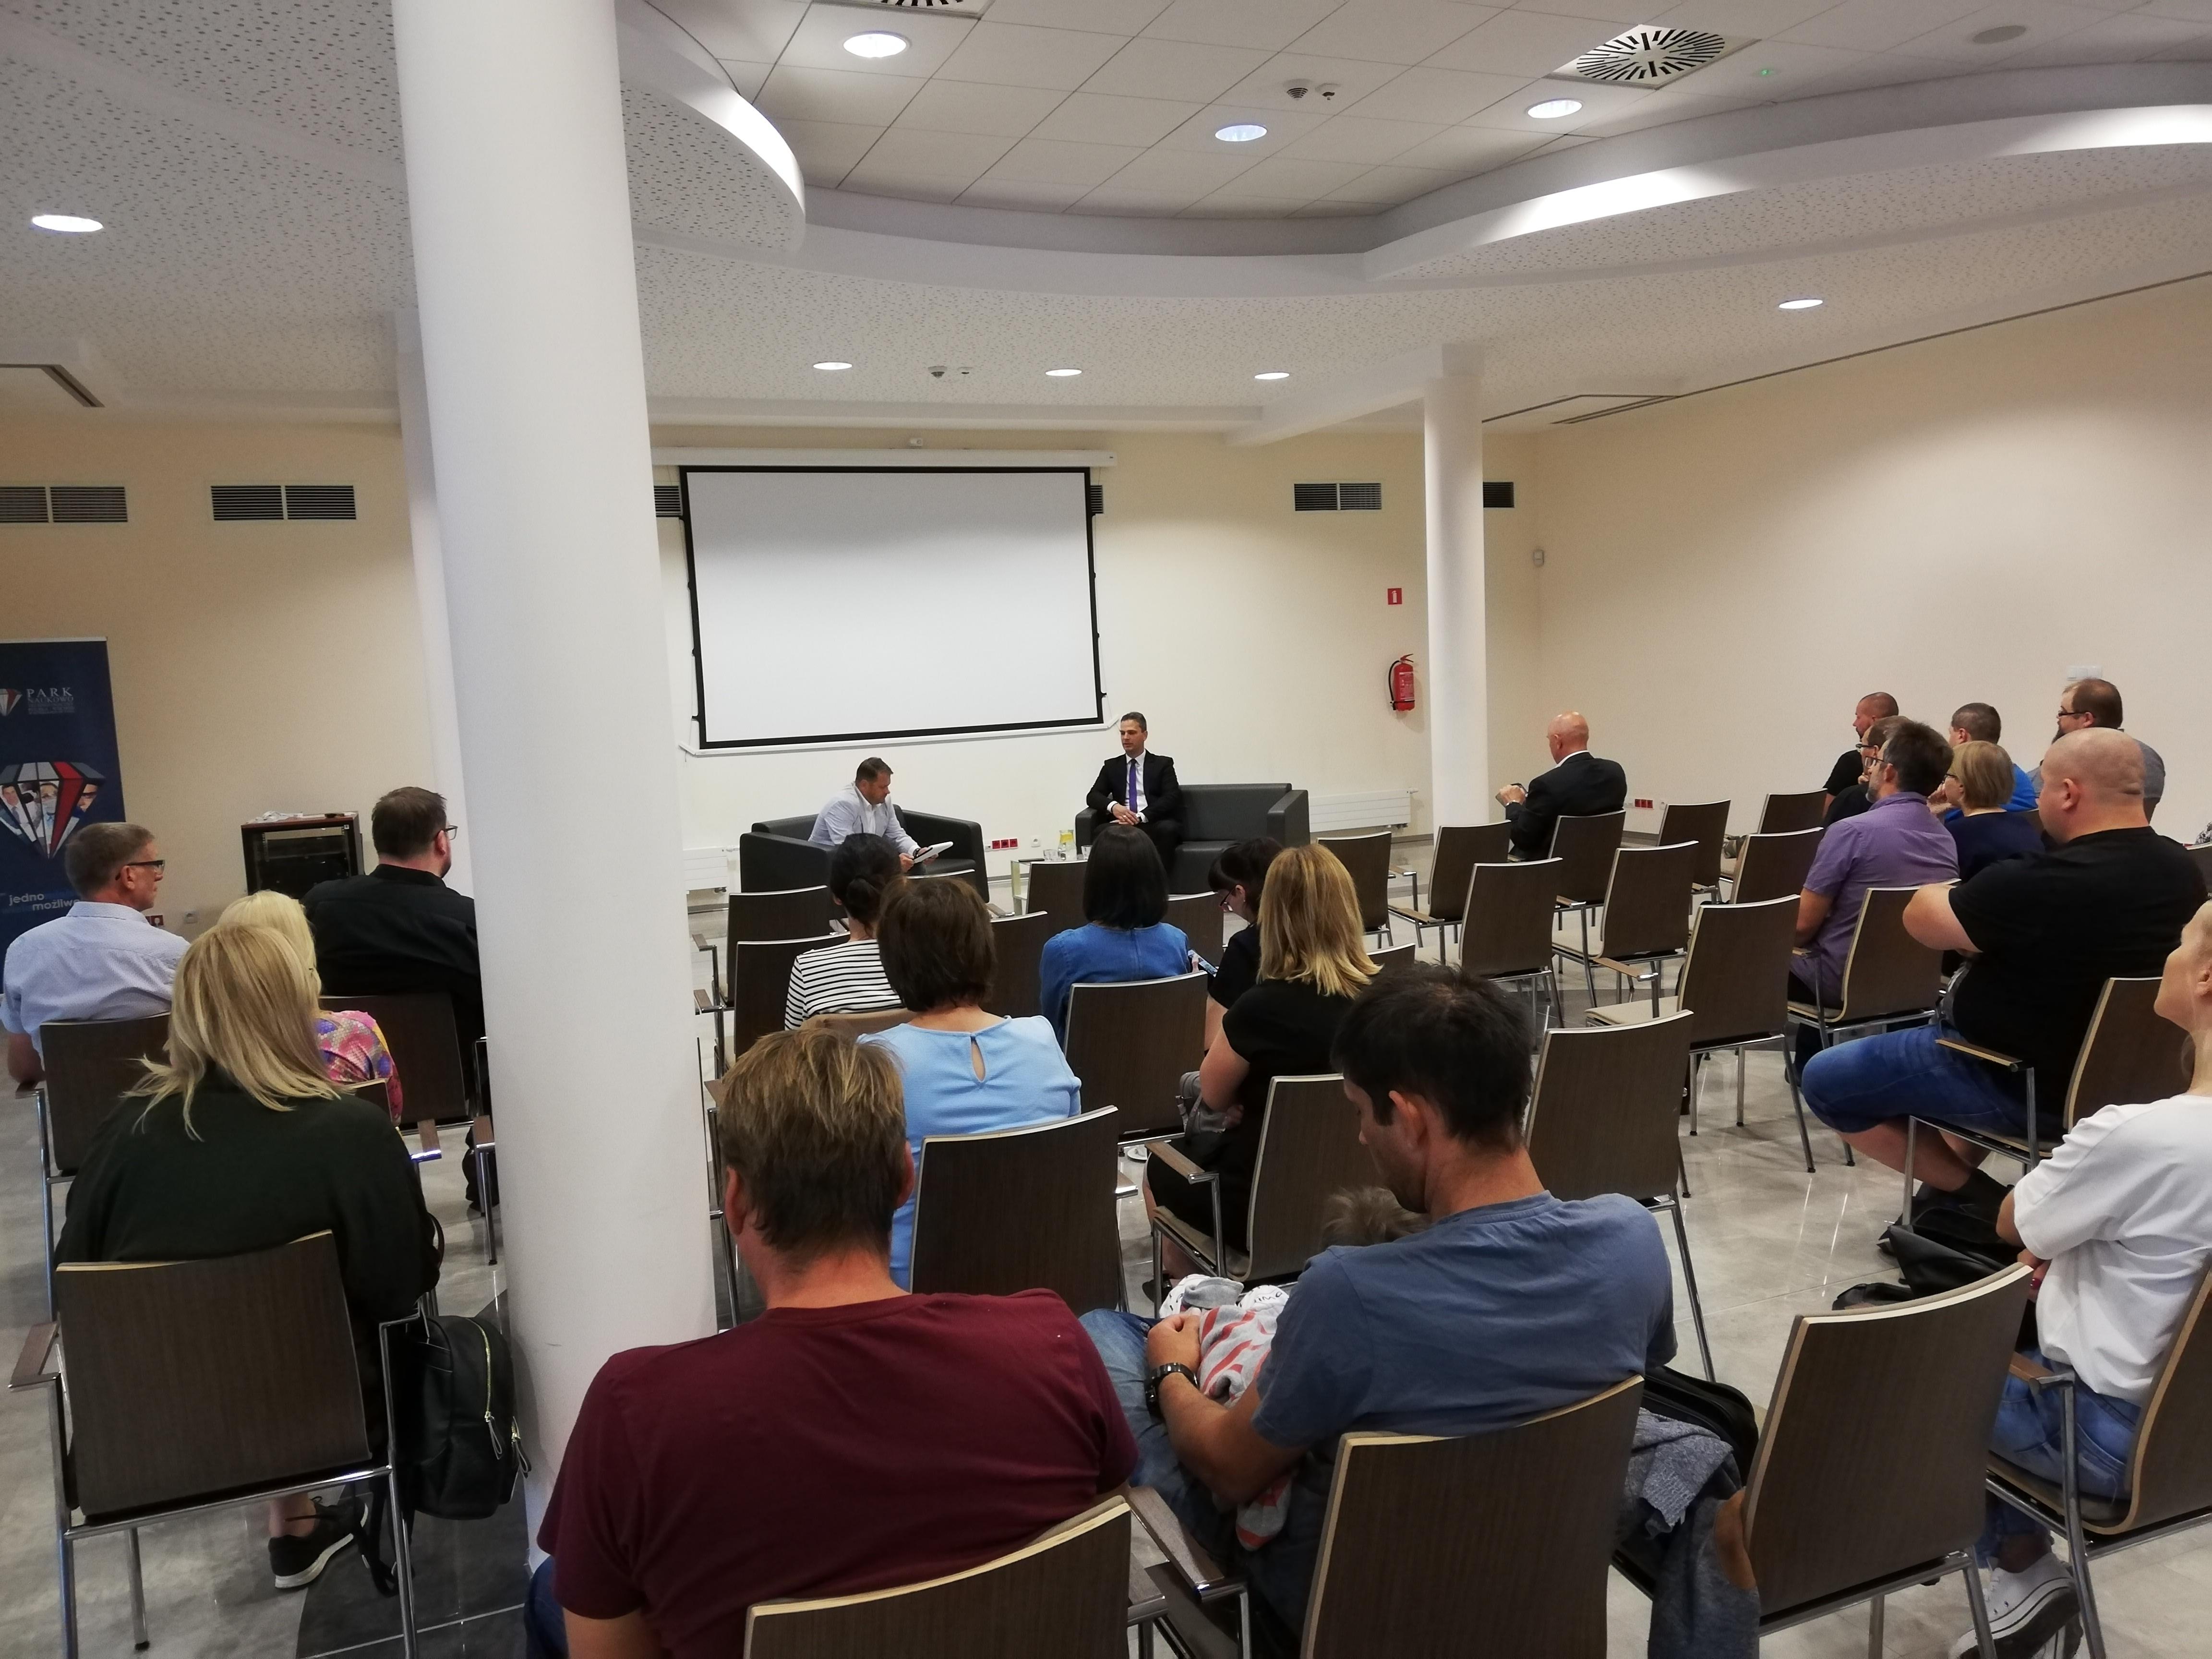 Forum Wymiany Doświadczeń – Podsumowanie 4 spotkań